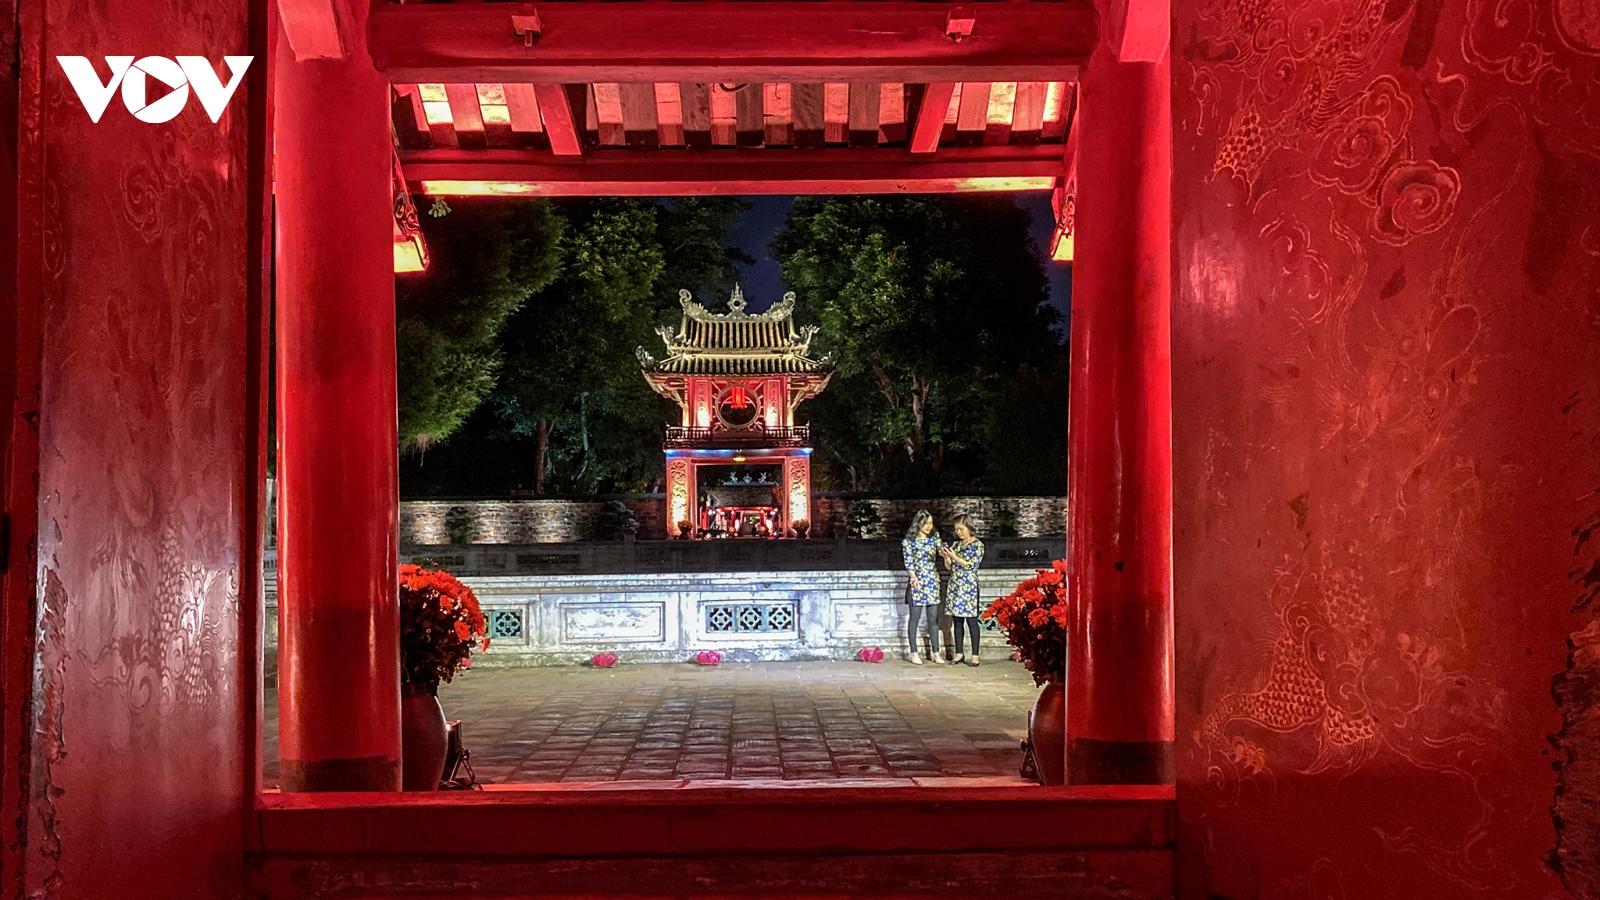 Du lịch Hà Nội tạo sức hút bằng sản phẩm độc đáo